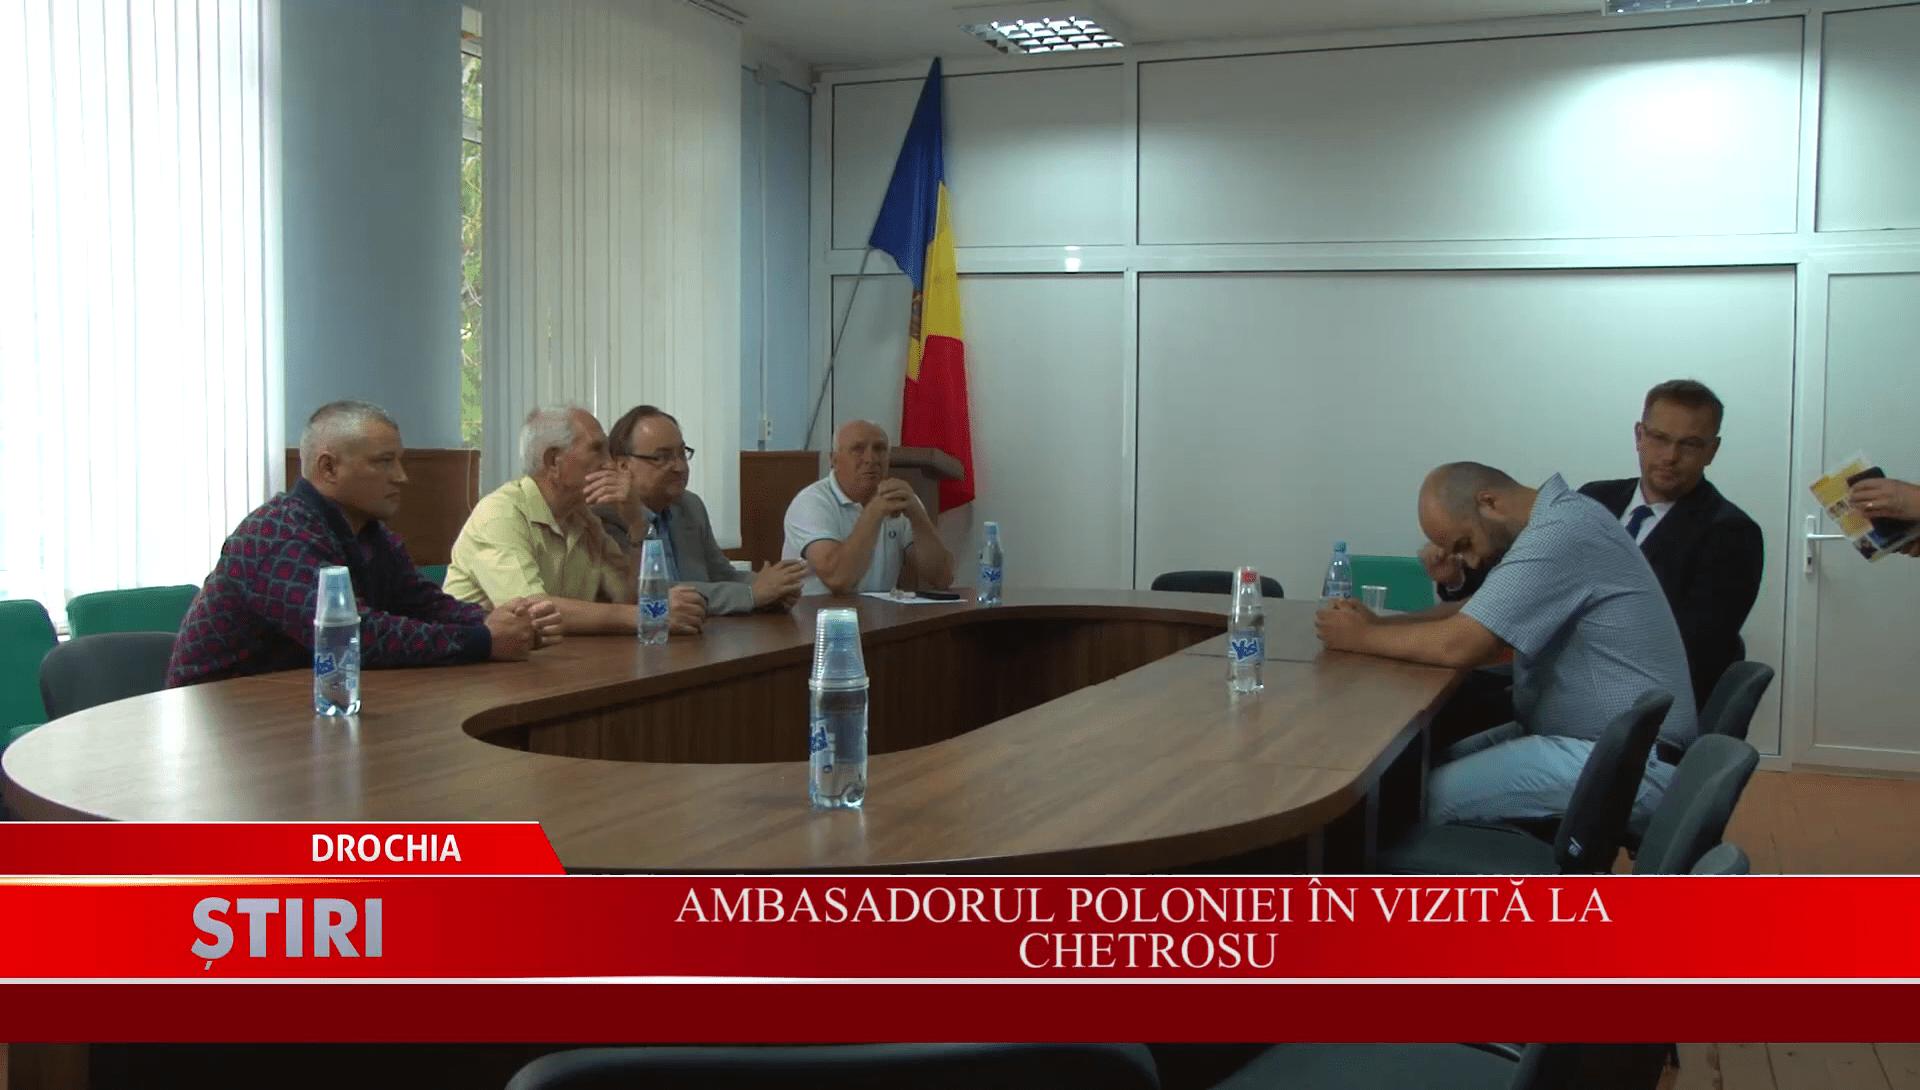 Ambasadorul Poloniei în vizită la Chetrosu